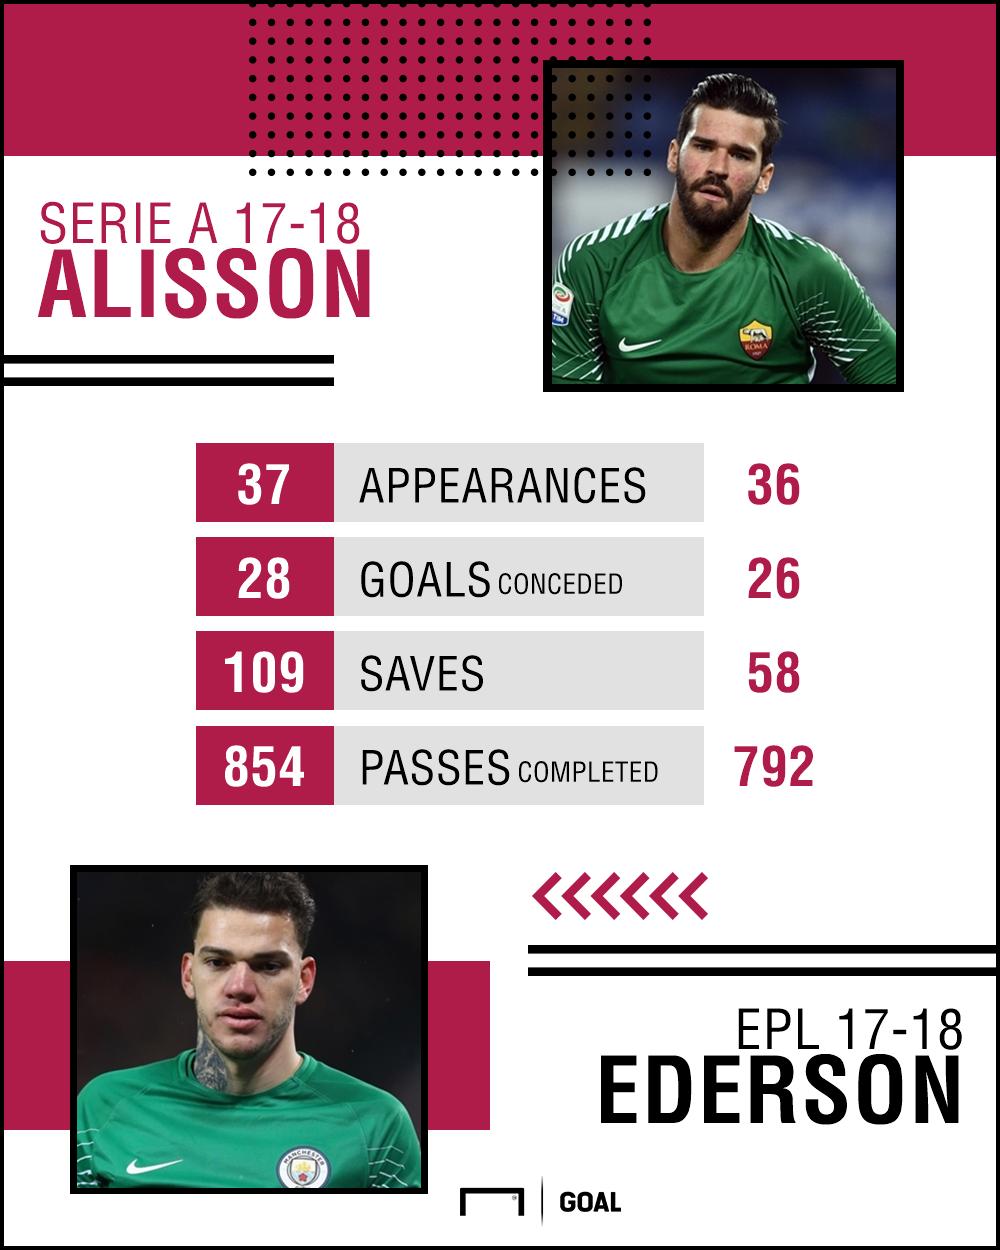 Alisson Ederson GFX 17-18